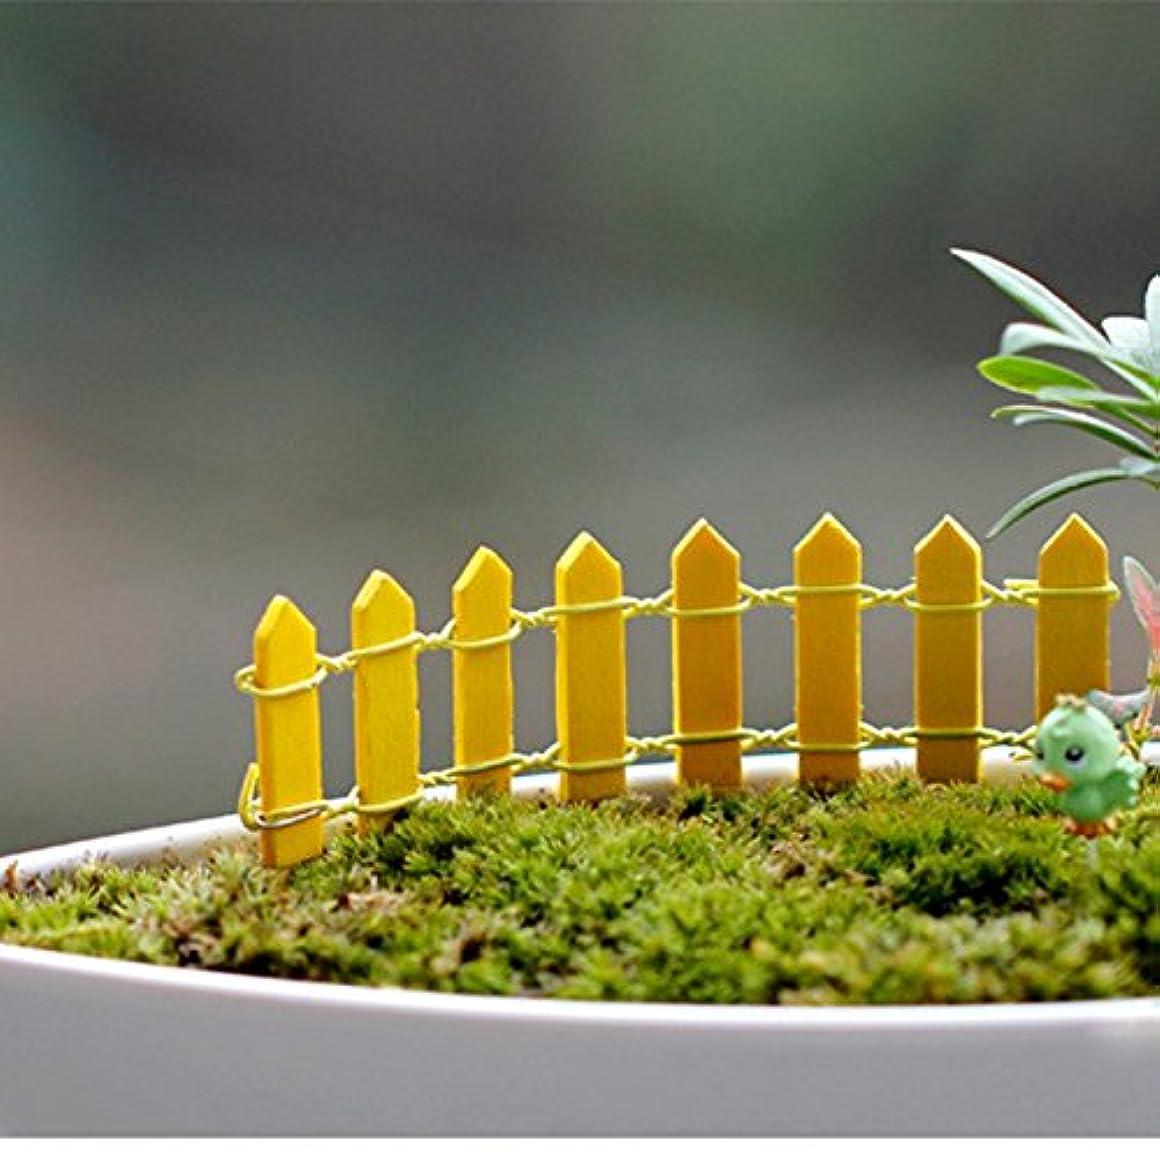 みぞれ相談する先史時代のJicorzo - 20個DIY木製の小さなフェンスモステラリウム植木鉢工芸ミニおもちゃフェアリーガーデンミニチュア[イエロー]